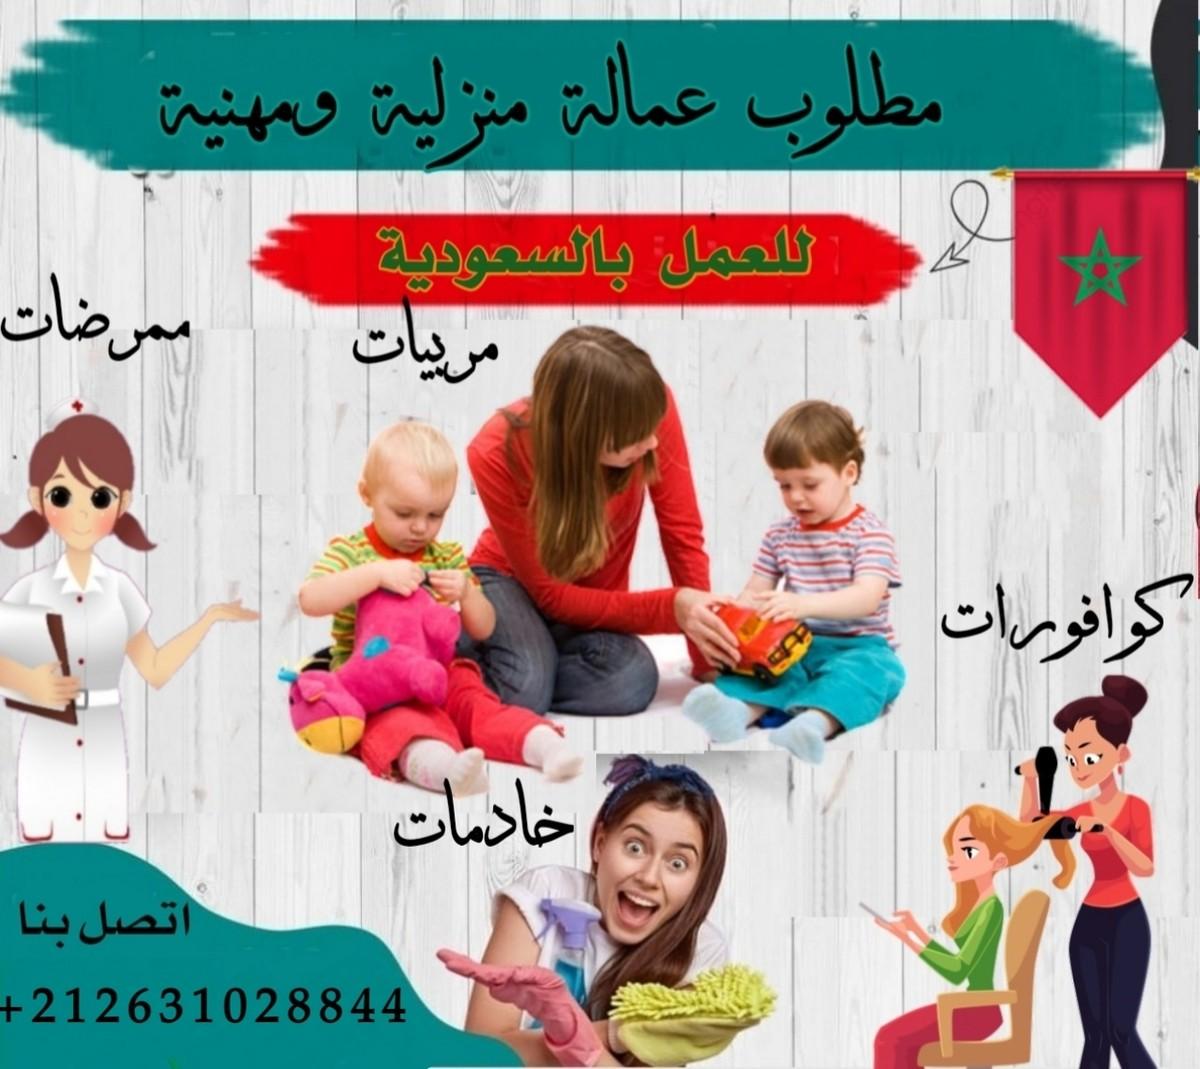 مكتب الاستقدام المغربي L